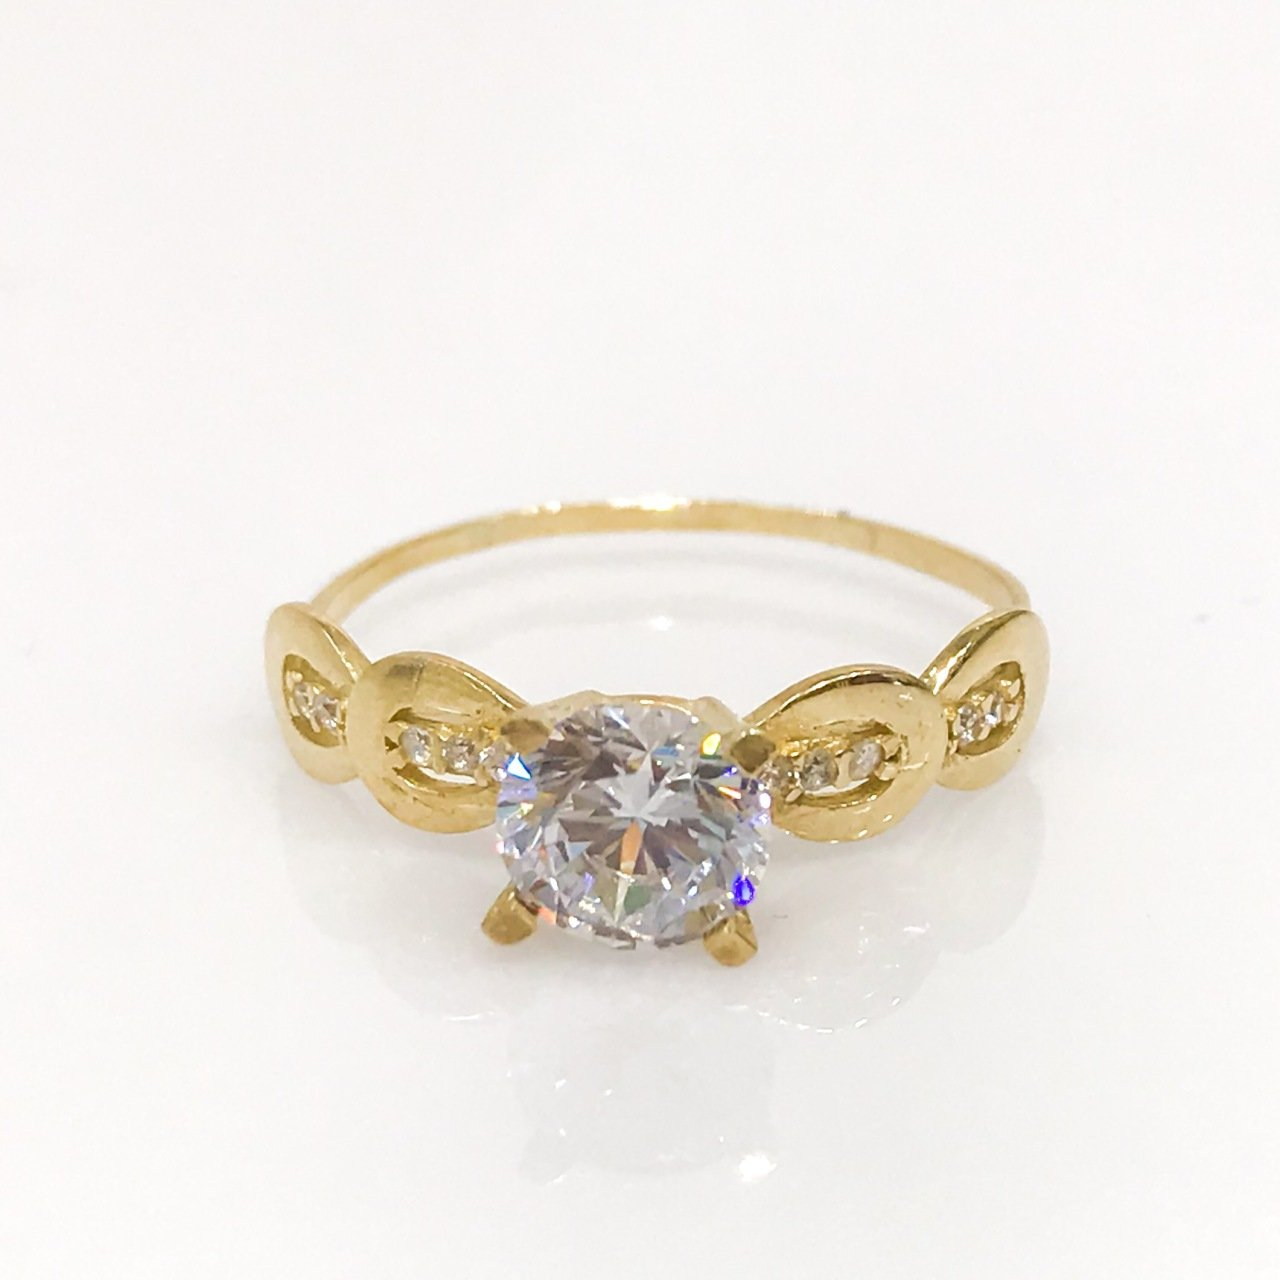 New Stylish 4 Nail Single Stone Gold Engagement Ring